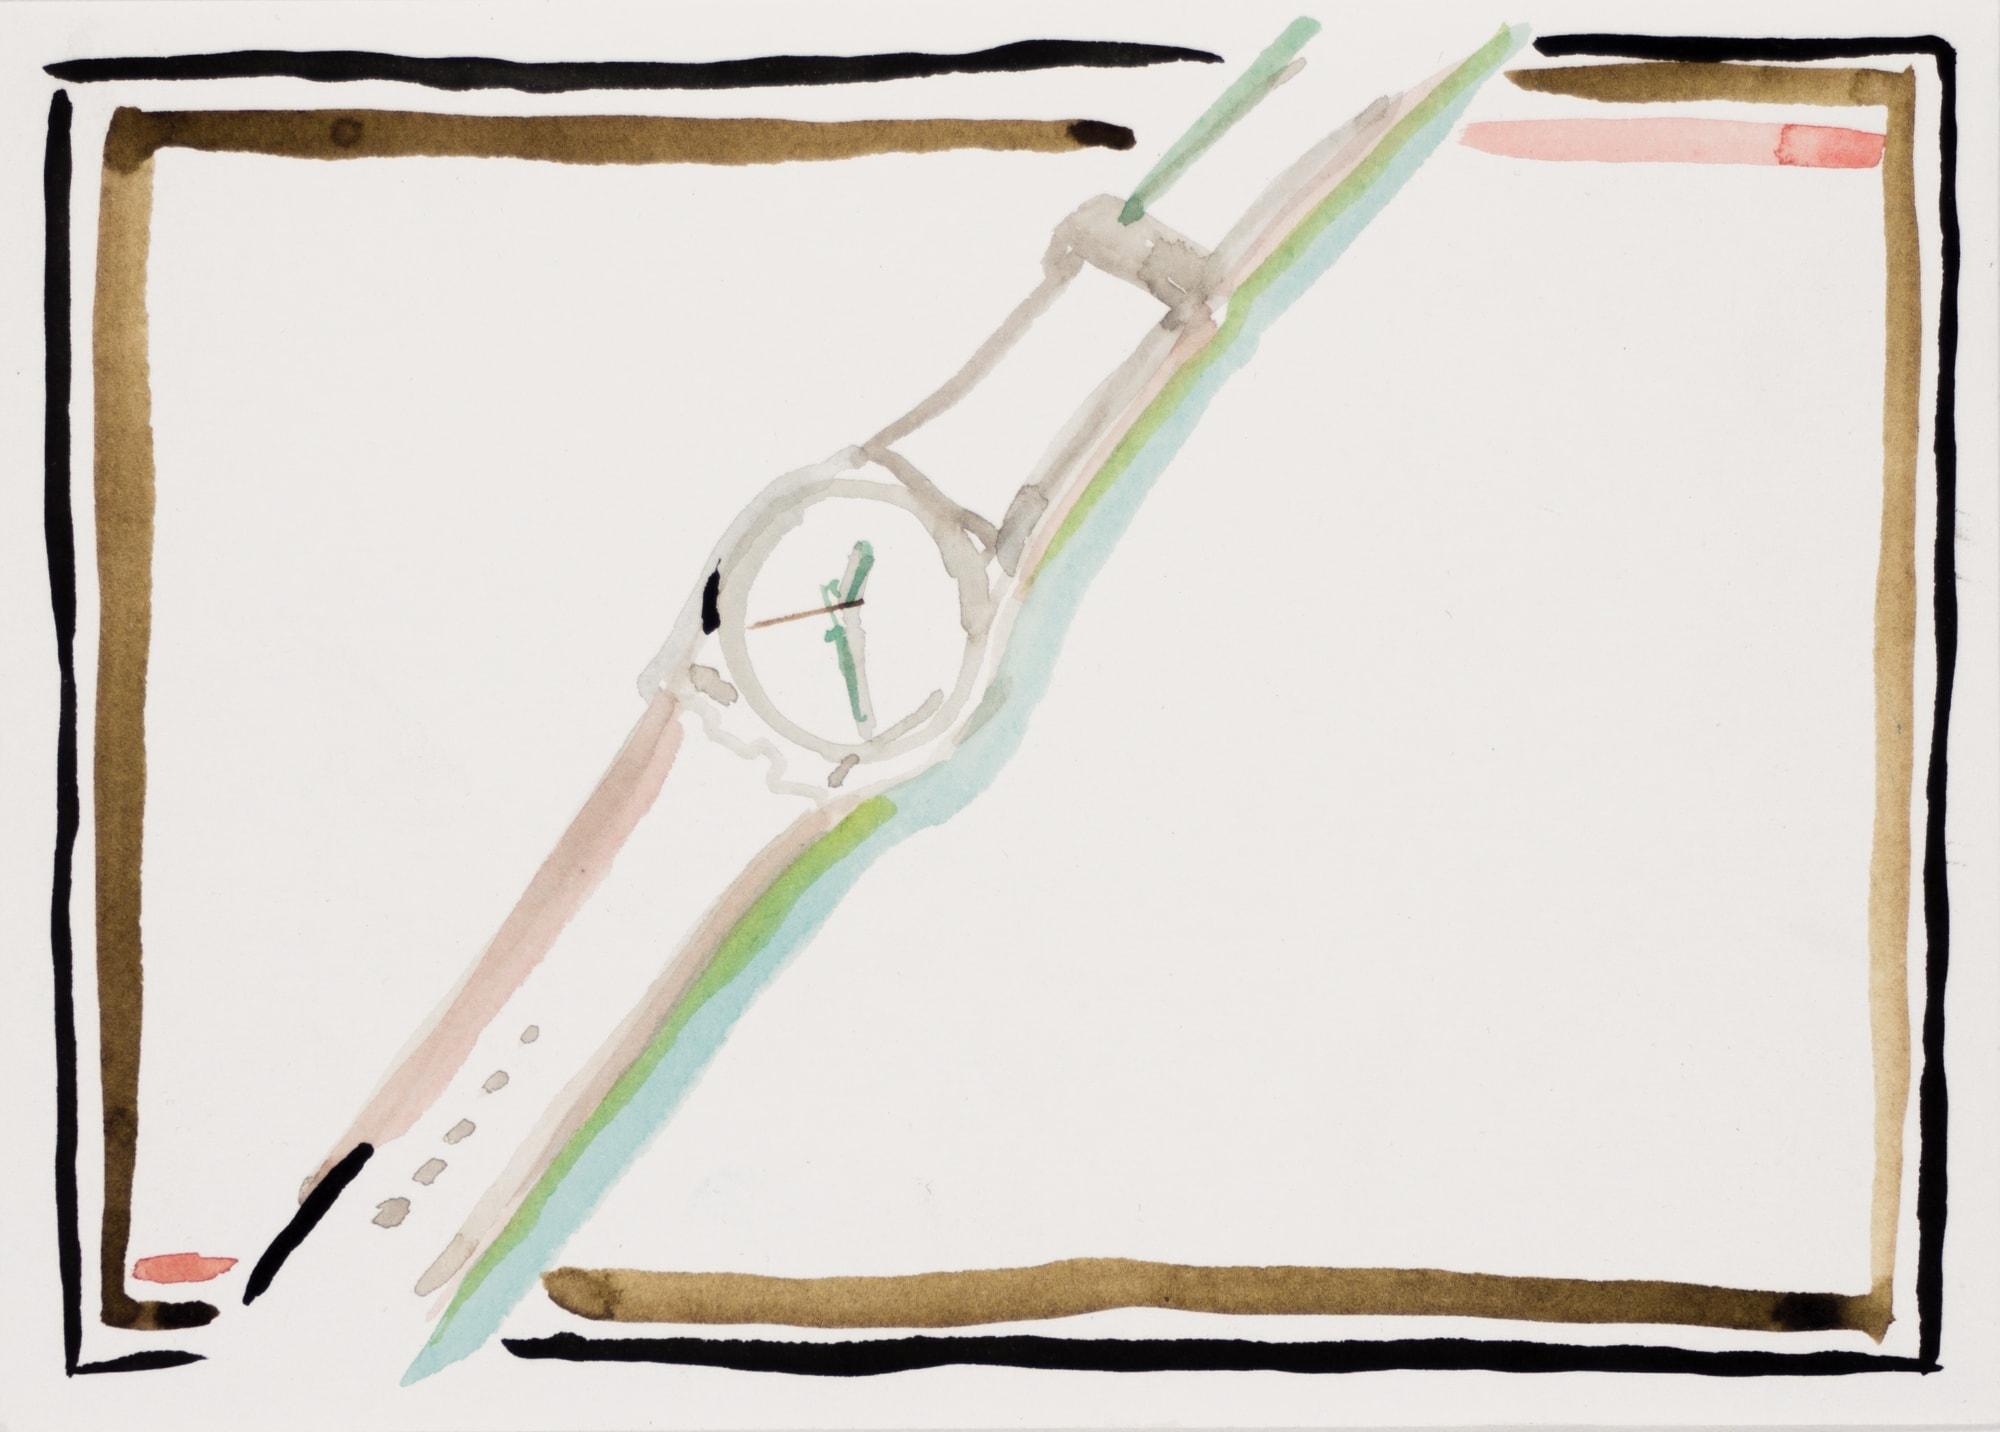 Zeichnung, Aquarell und Tusche auf Postkarte, 14,7x10,5cm, Uhr, Künstlerin: Franziska King